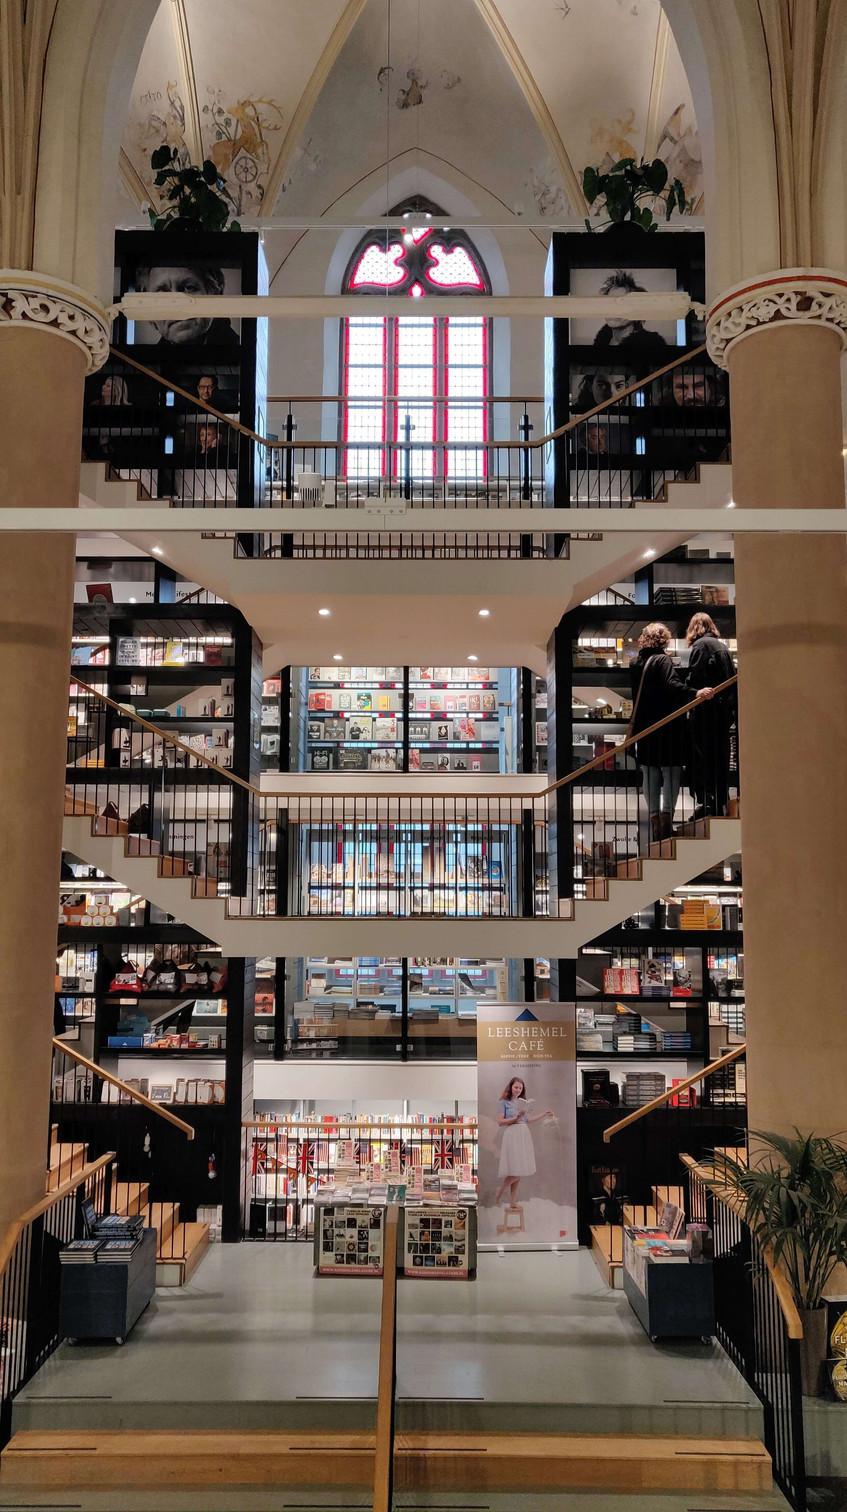 חנות הספרים בתוך מבנה של כנסייה עם ציורי קיר וחלונות ויטראז